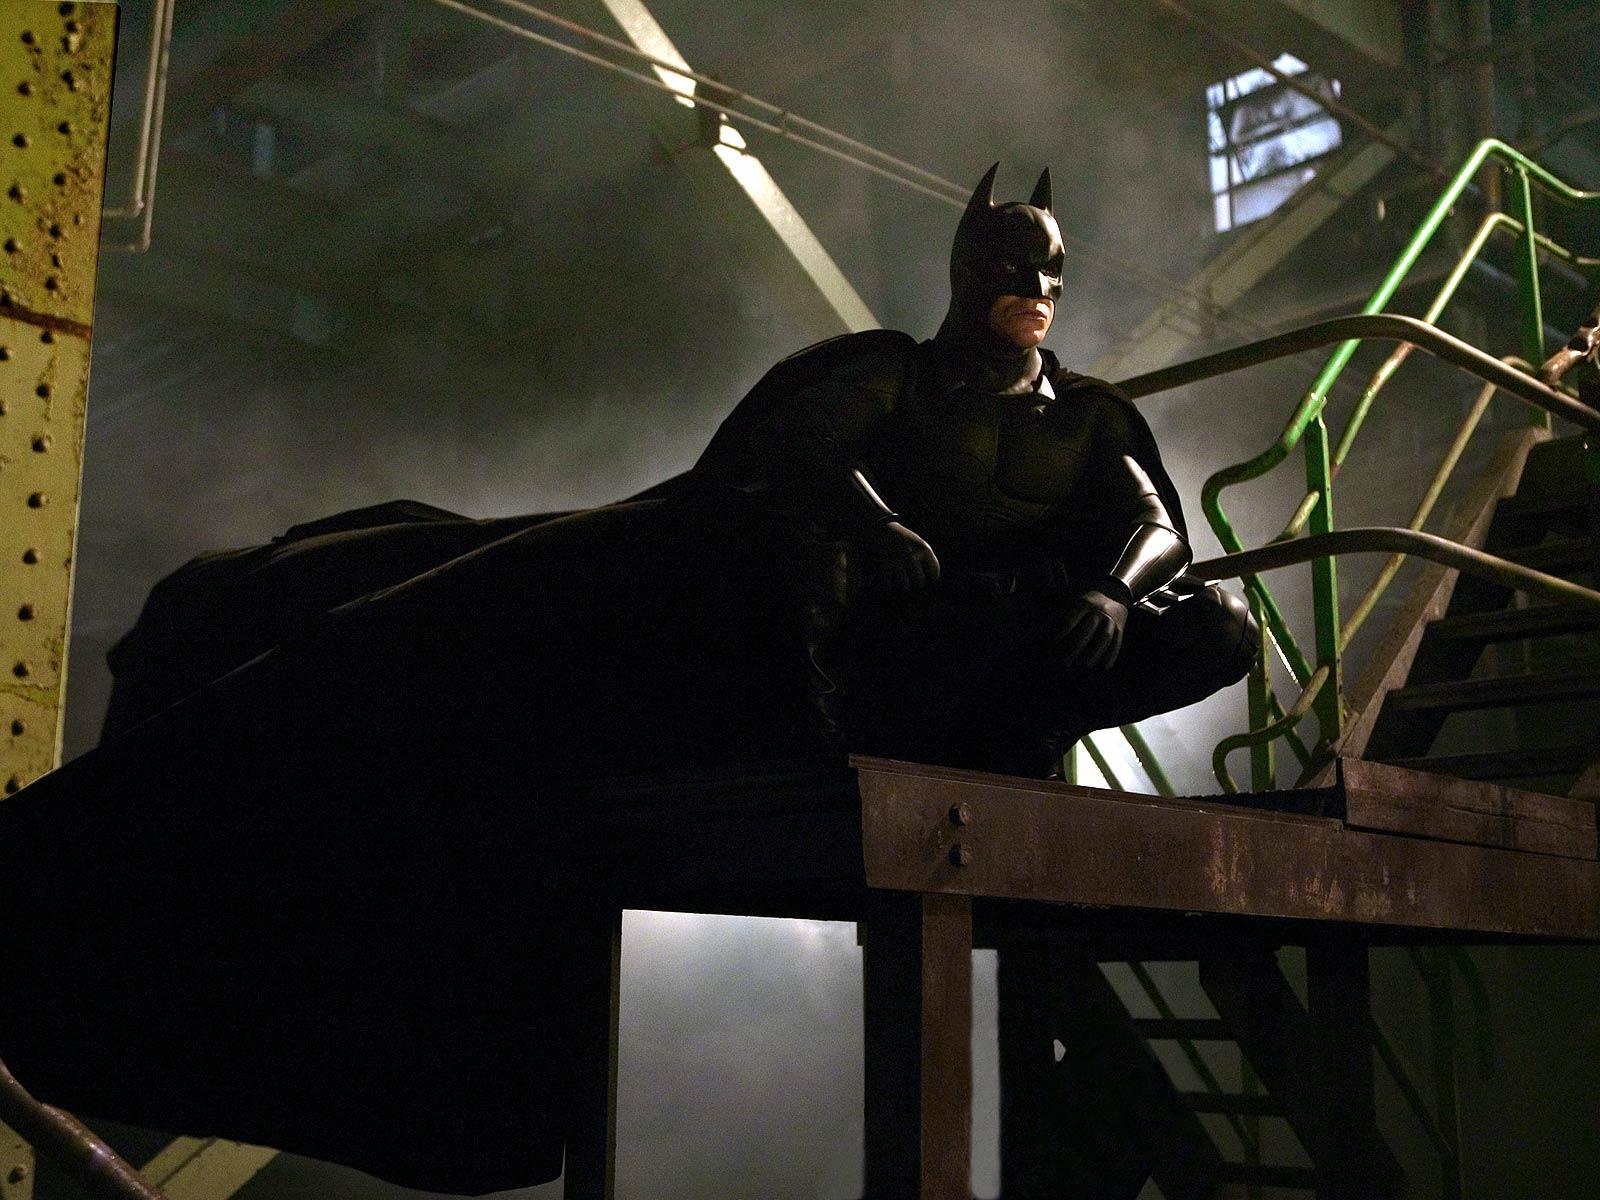 Batman Begins Backgrounds, Compatible - PC, Mobile, Gadgets| 1600x1200 px